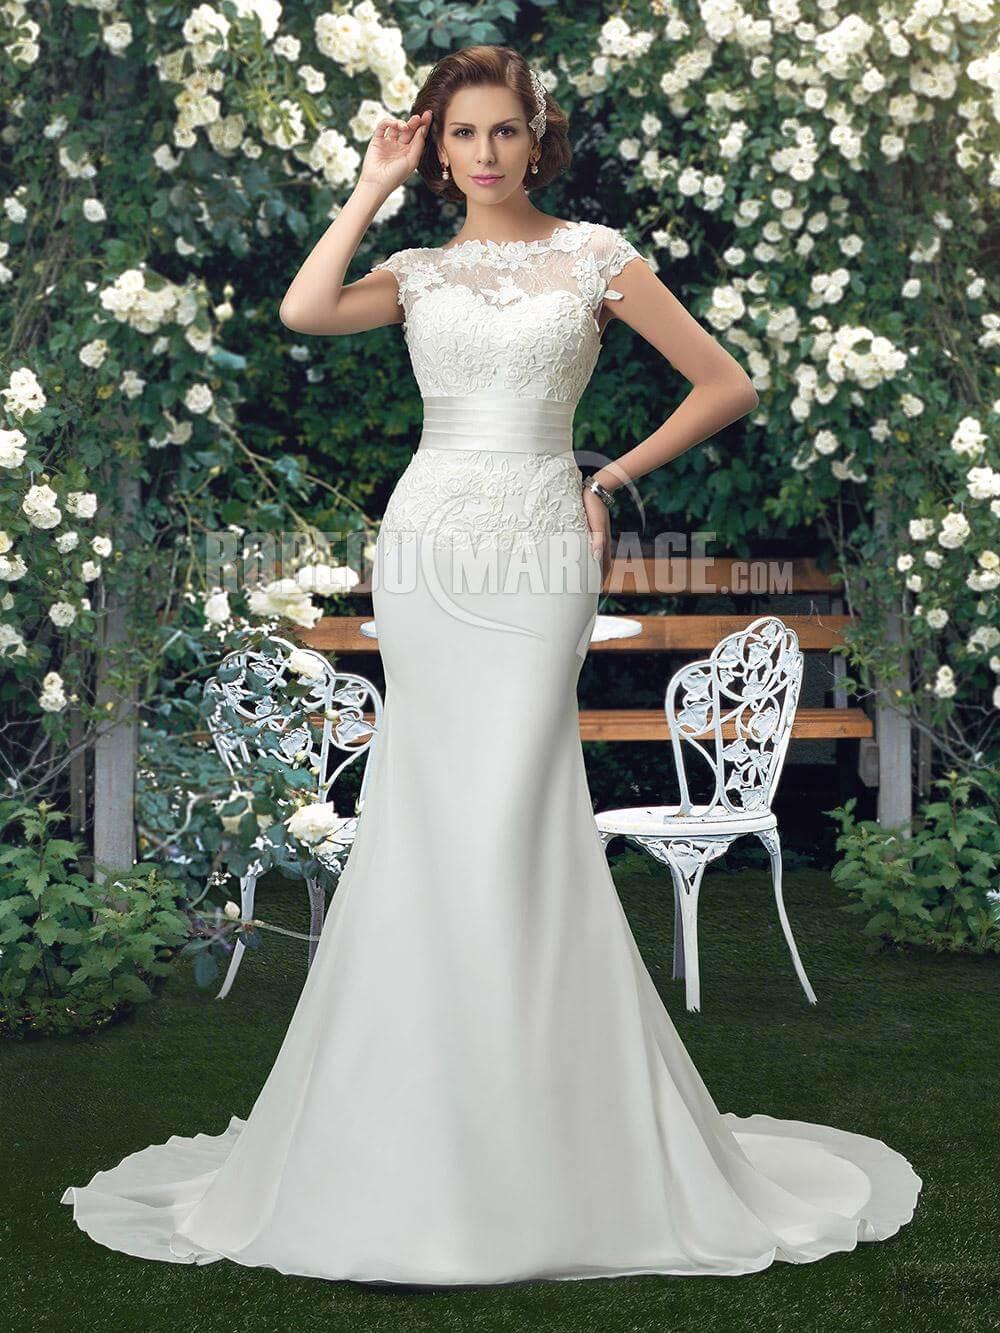 Sirène robe de mariée en satin dentelle pas cher sans manches #ROBE2012660 | Robedumariage.com